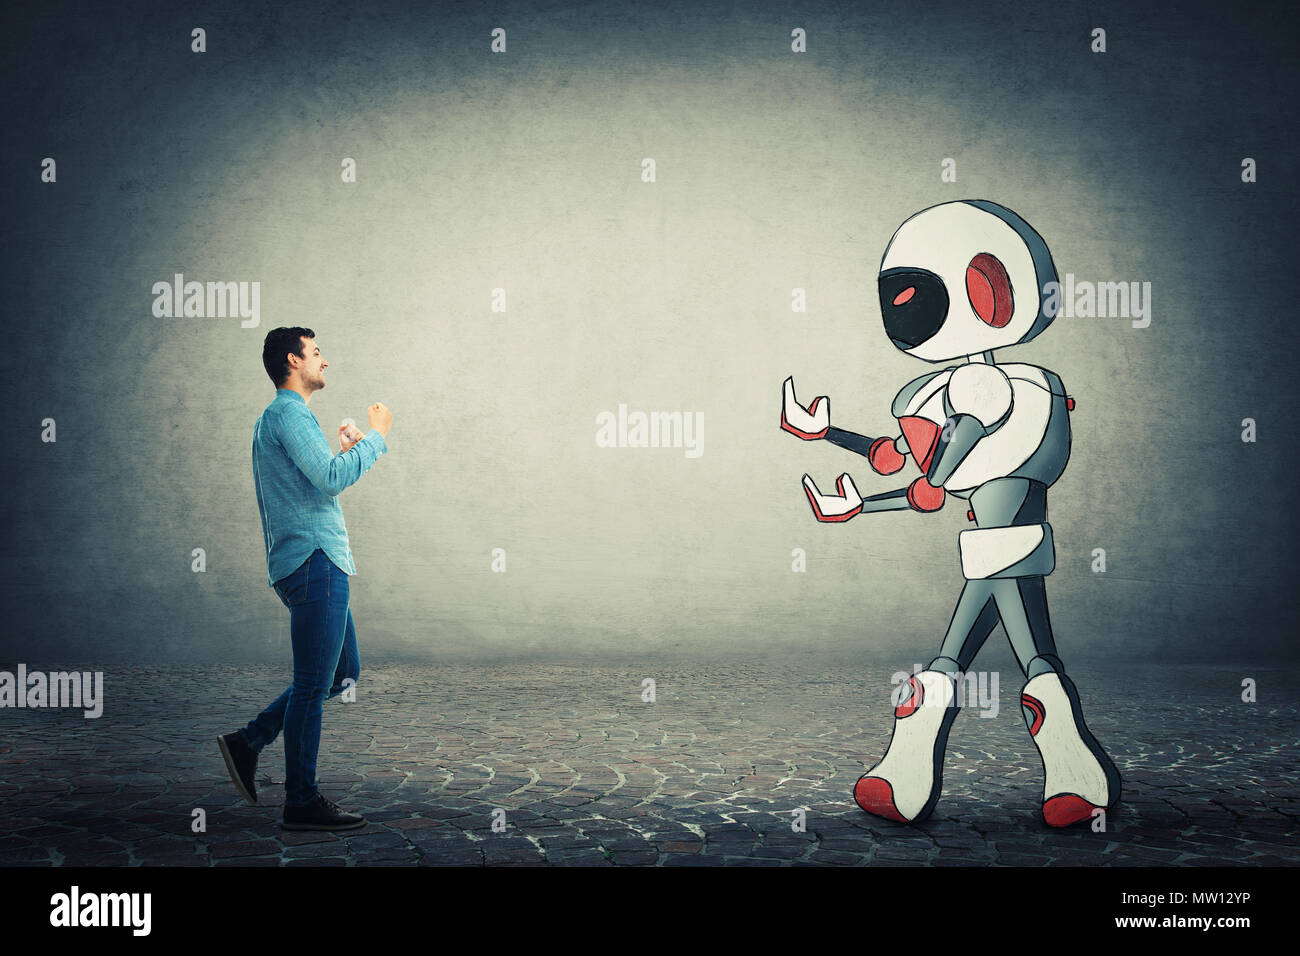 Joven empresario sosteniendo los puños dispuestos a luchar contra el robot. La rivalidad entre los humanos y la tecnología. El peligro de perder el trabajo, la sustitución del trabajo humano Imagen De Stock